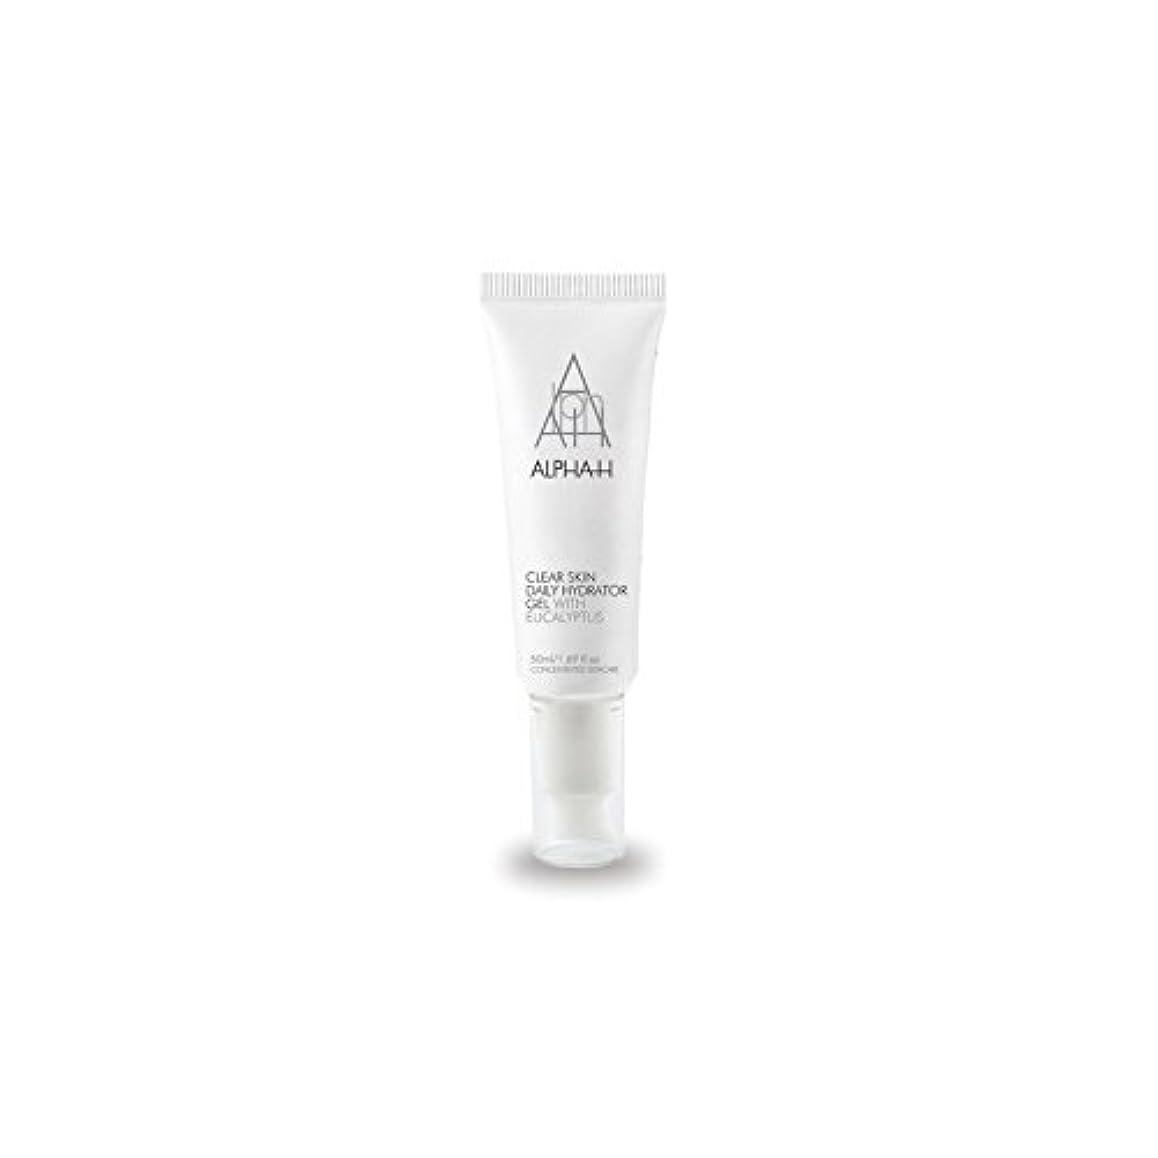 気難しい政治家の適格アルファクリア皮膚毎日ハイドレーターゲル(50)中 x4 - Alpha-H Clear Skin Daily Hydrator Gel (50ml) (Pack of 4) [並行輸入品]